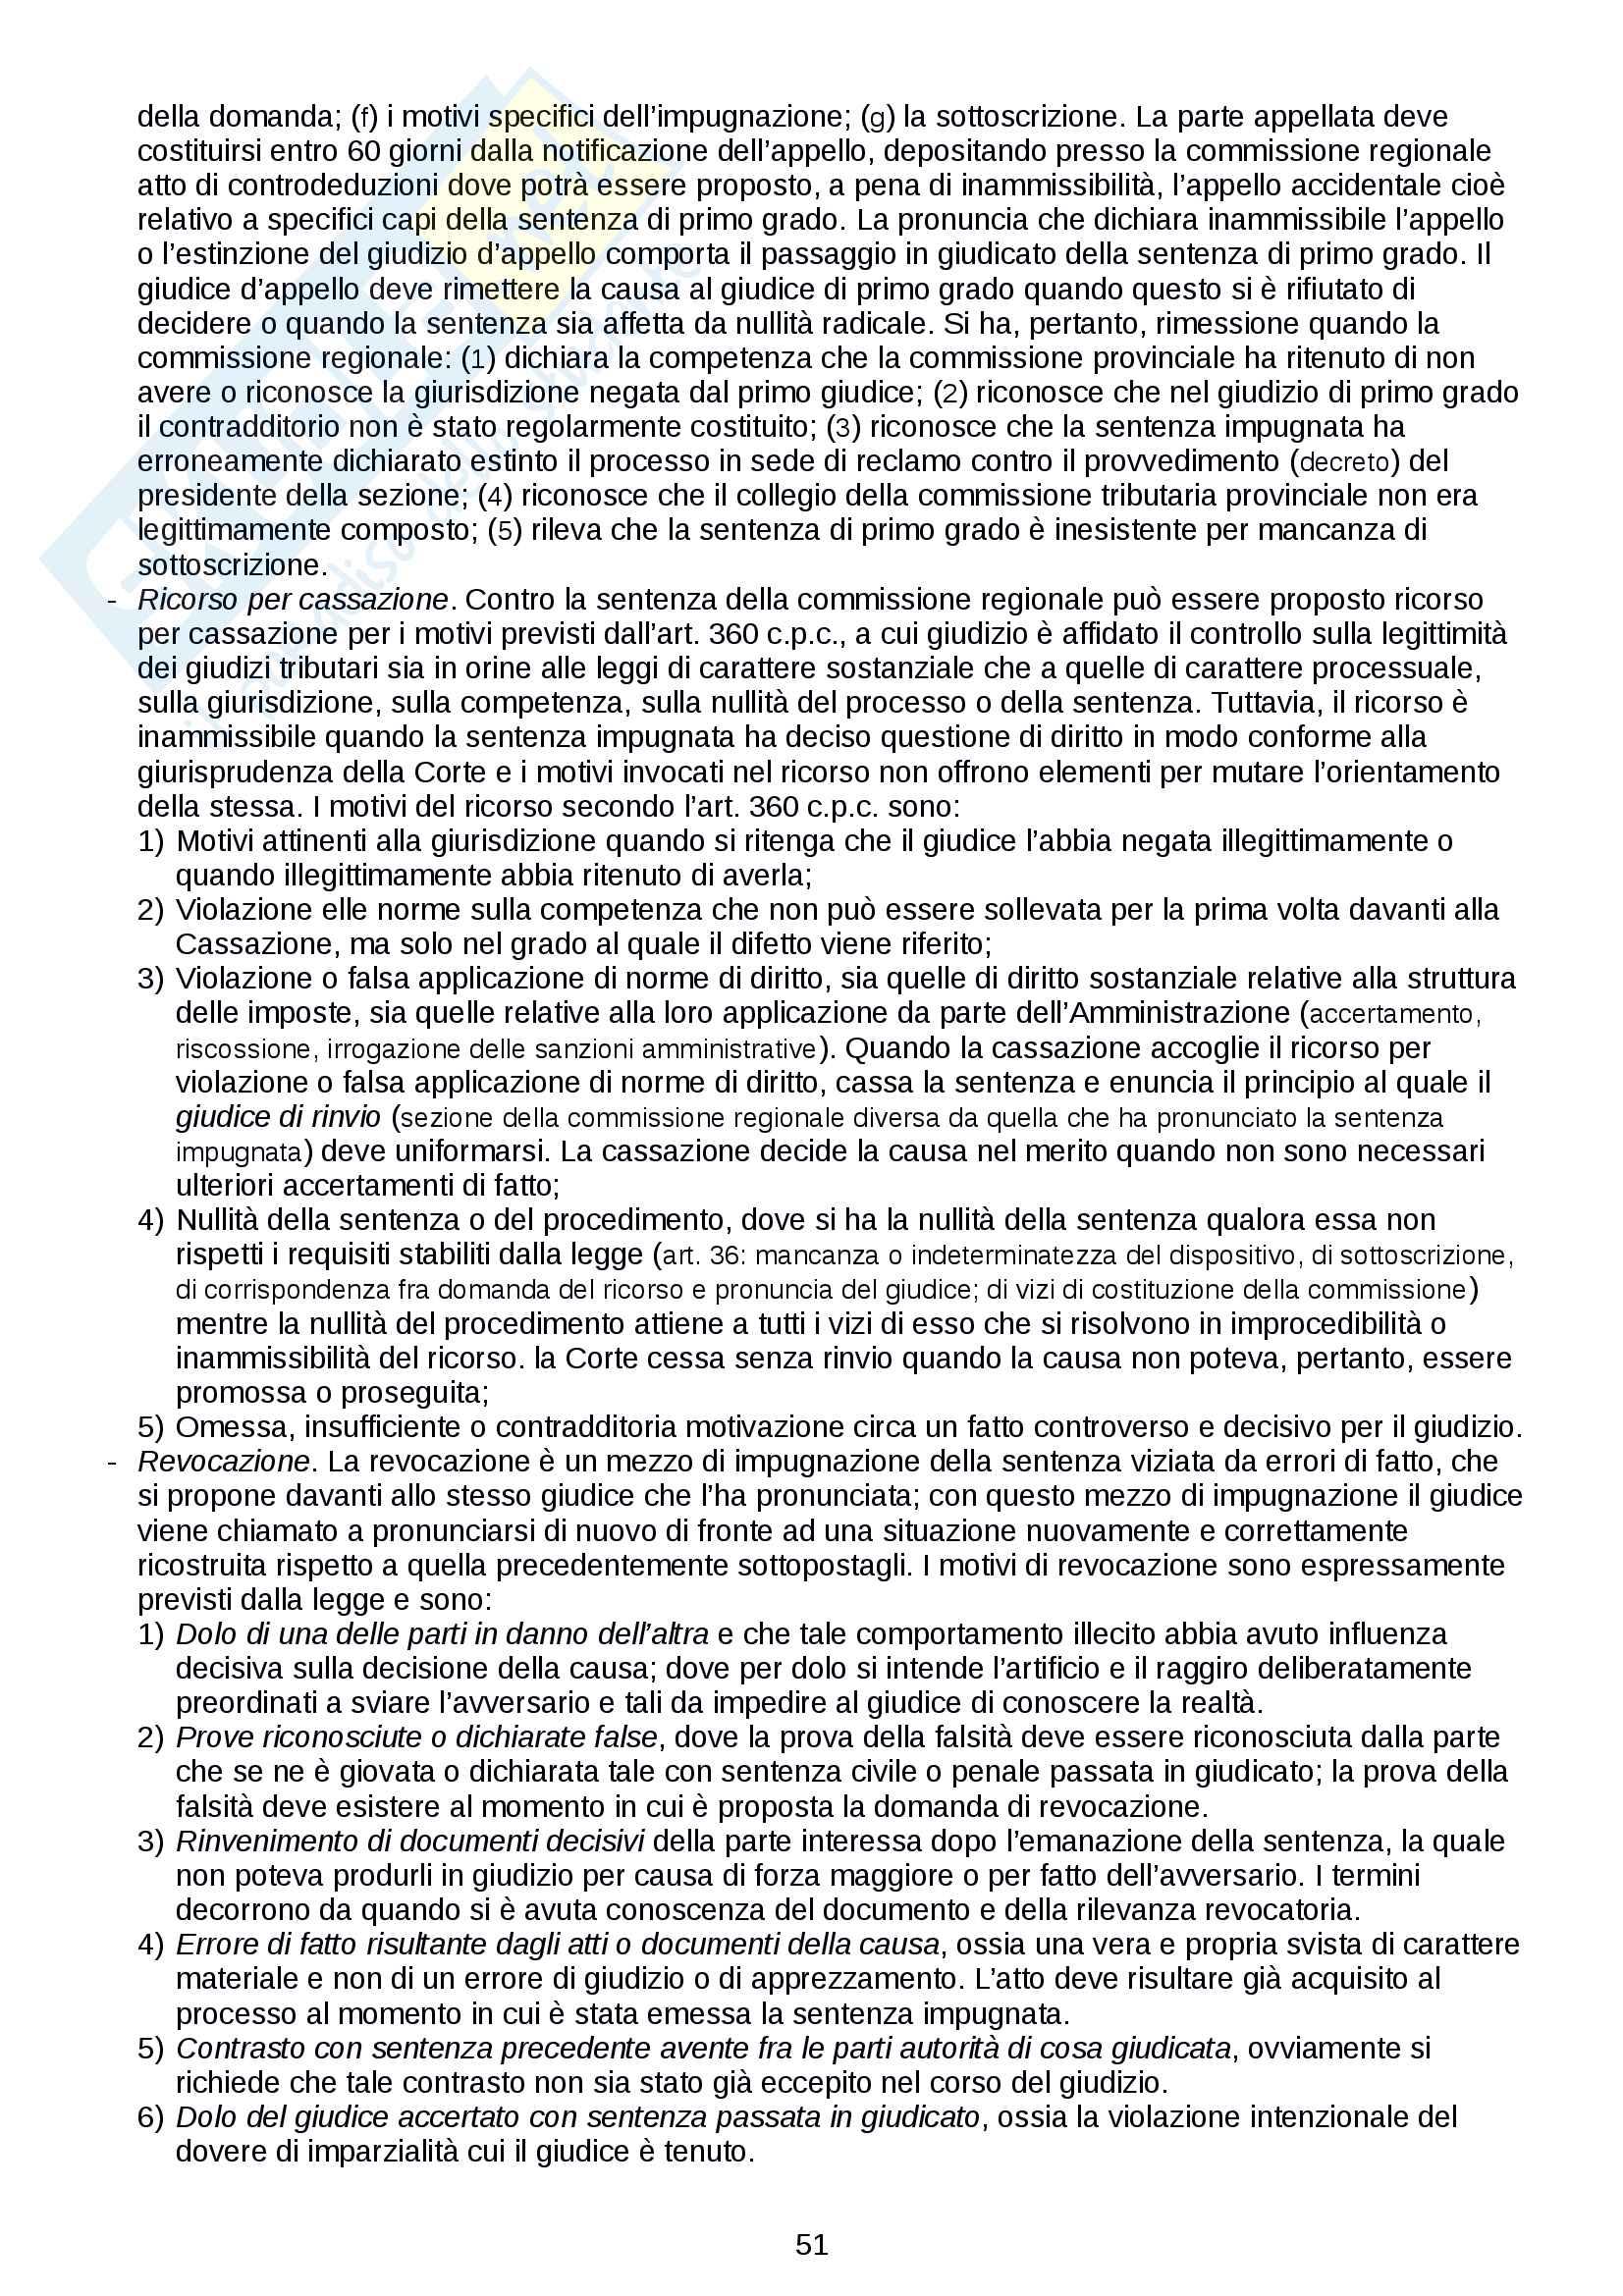 """Riassunto esame Diritto tributario, prof. Logozzo, libri consigliati """"Principi di diritto tributario"""", De Mita e """"Lineamenti di diritto tributario internazionale"""", Tosi Pag. 51"""